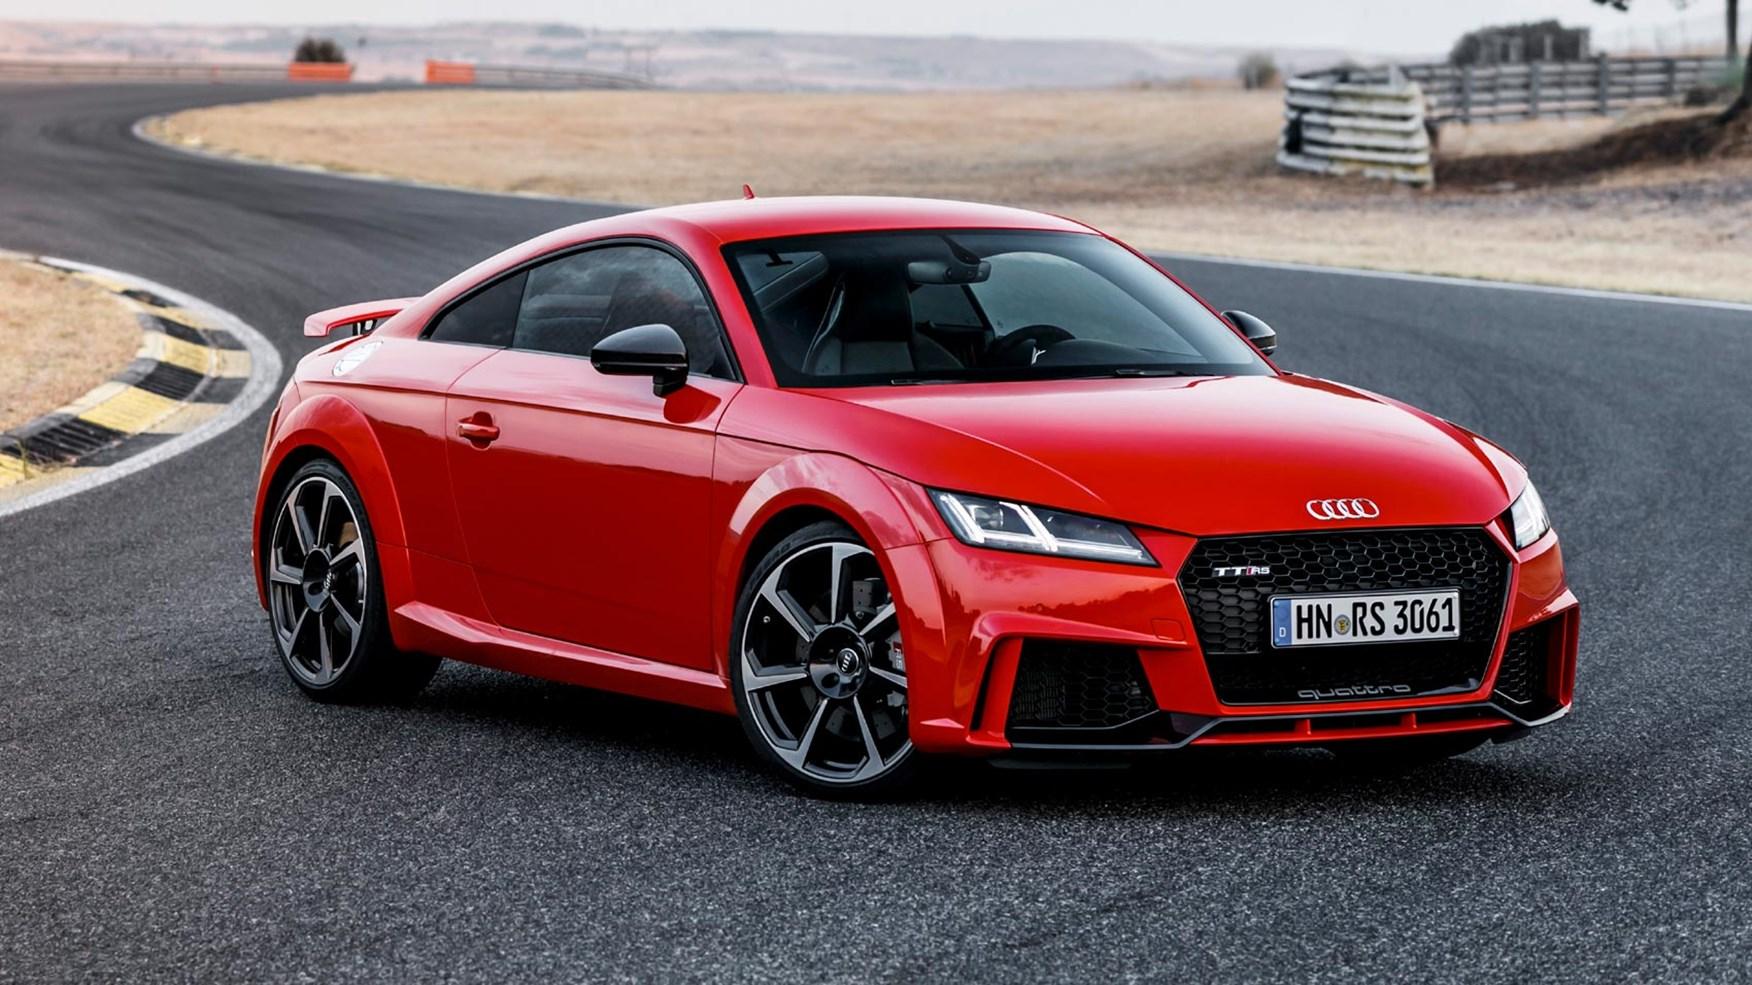 Audi rs3 business lease deals 14